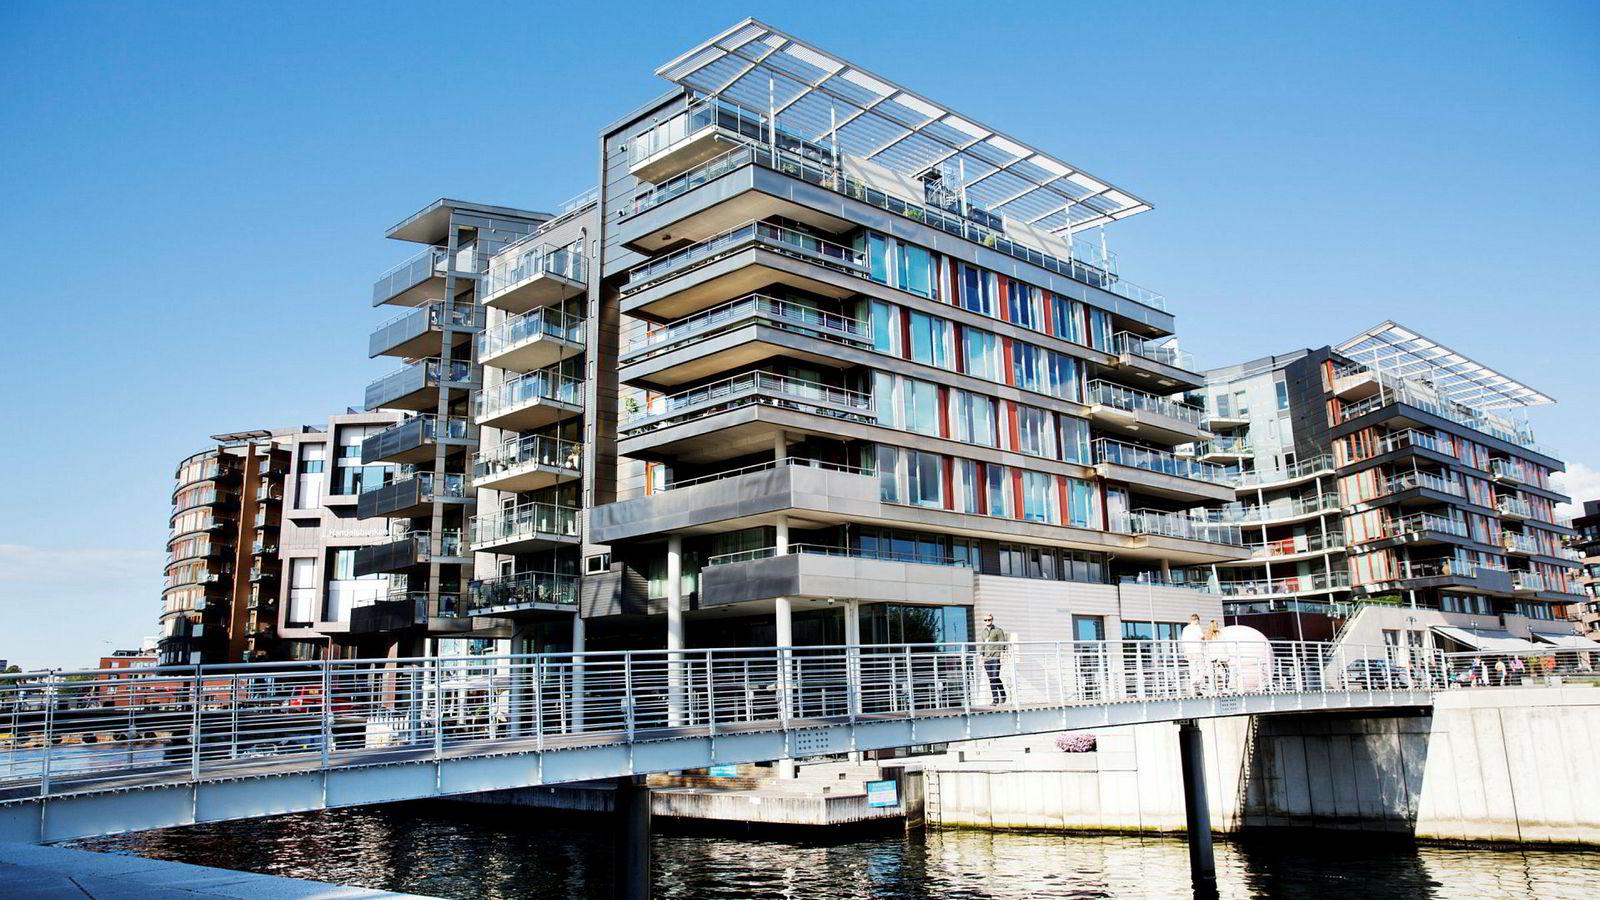 I 2009 kjøpte Einar Aas to toppleiligheter i Strandpromenaden 5 på Tjuvholmen i Oslo for til sammen 41,7 millioner kroner.